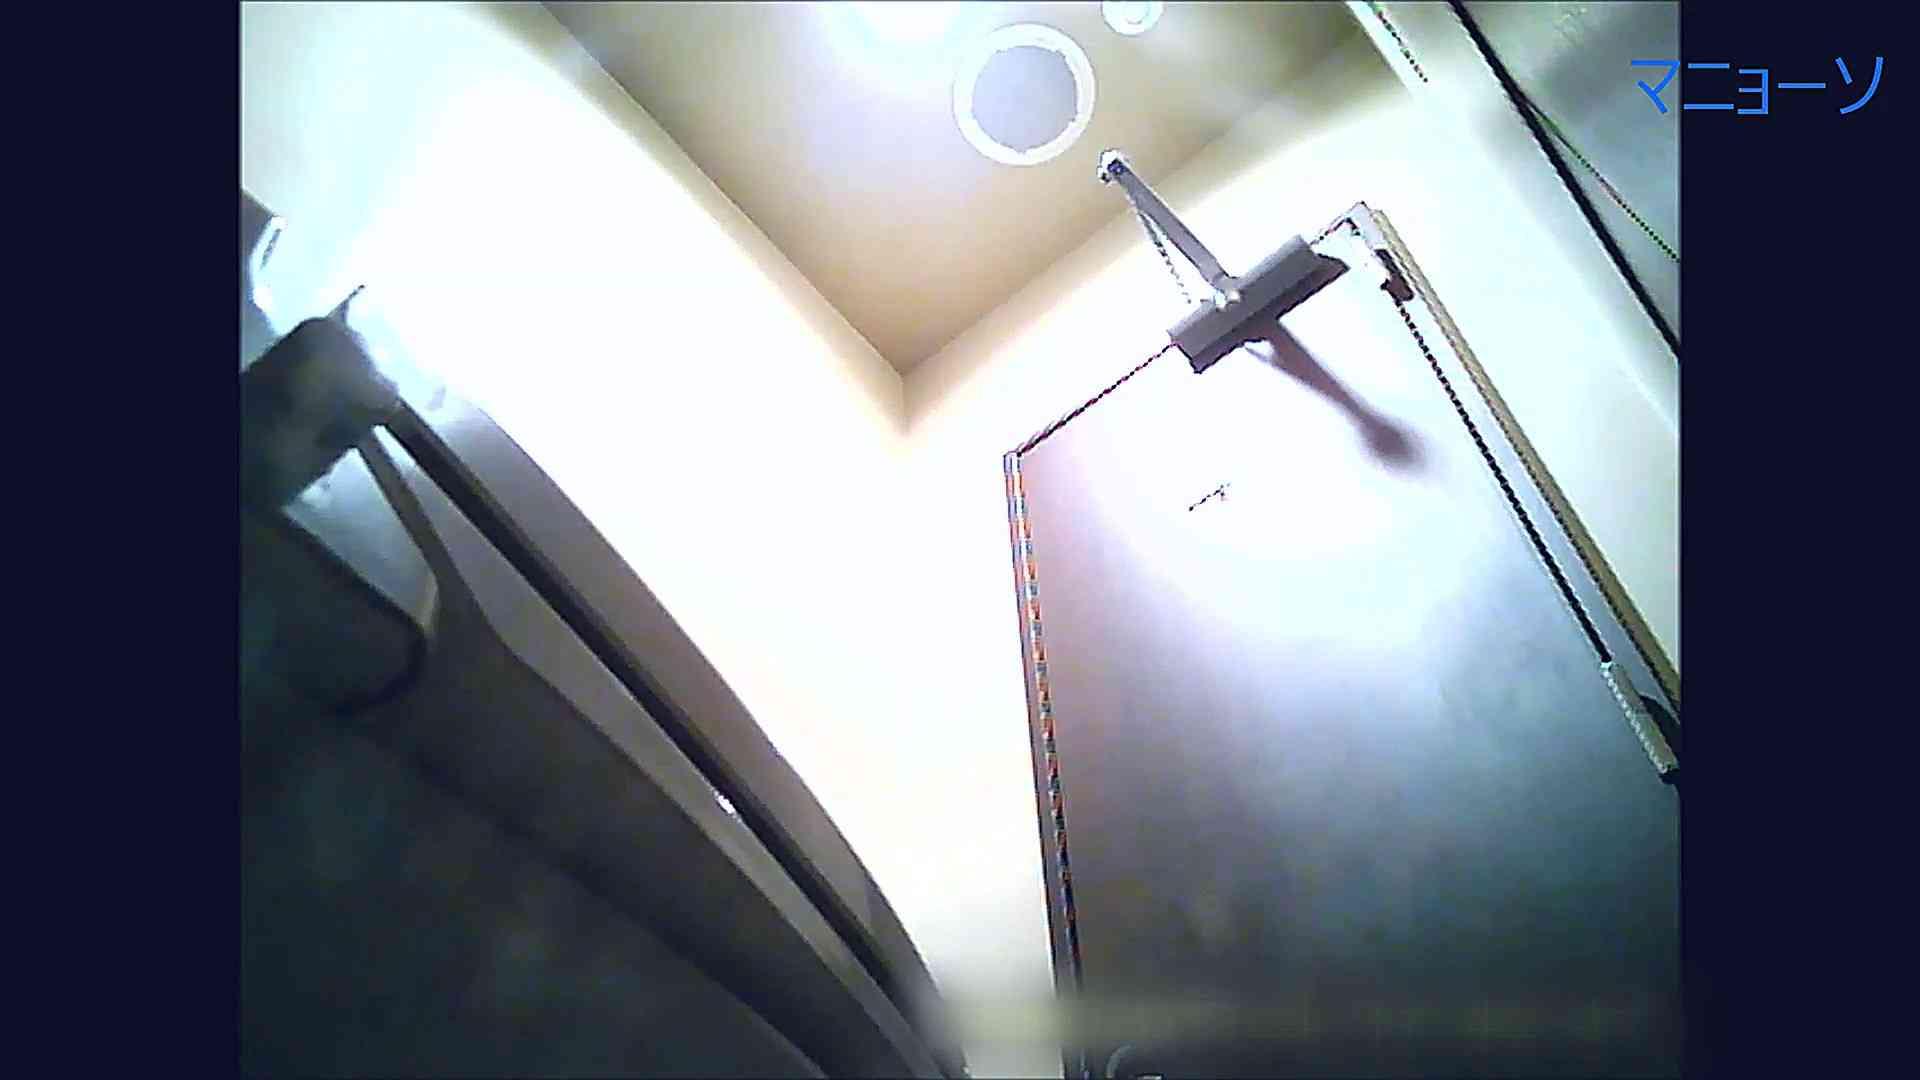 トイレでひと肌脱いでもらいました (OL編)Vol.11 肛門 ワレメ動画紹介 64PIX 35